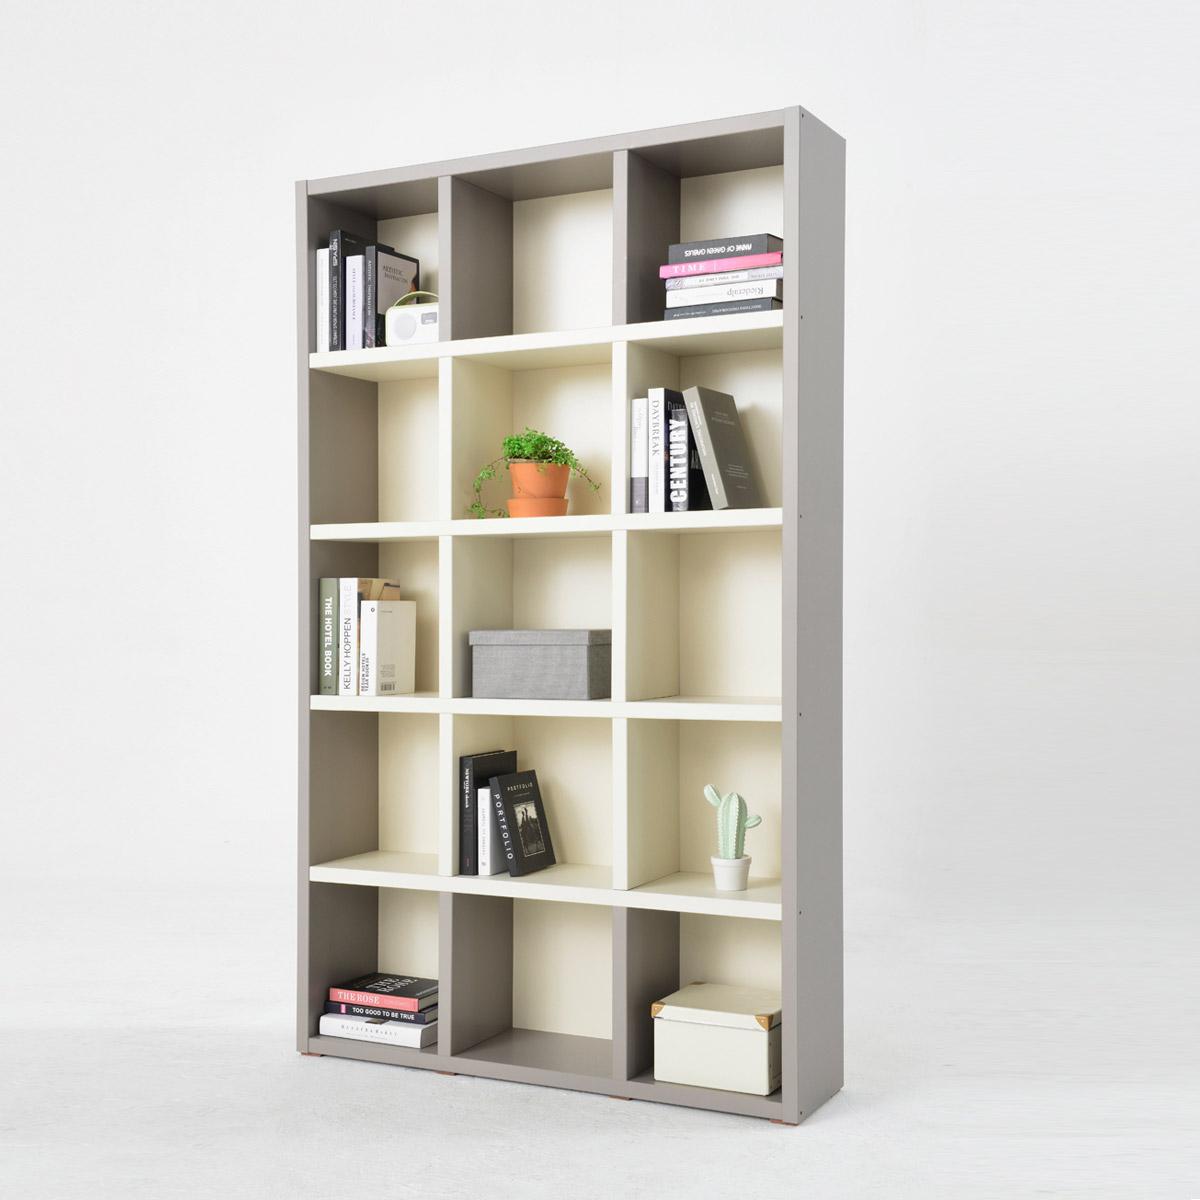 소티디자인 리브로 투톤 5단책장 1200책장 책장 수납장 책꽂이 책장, 그레이크림화이트